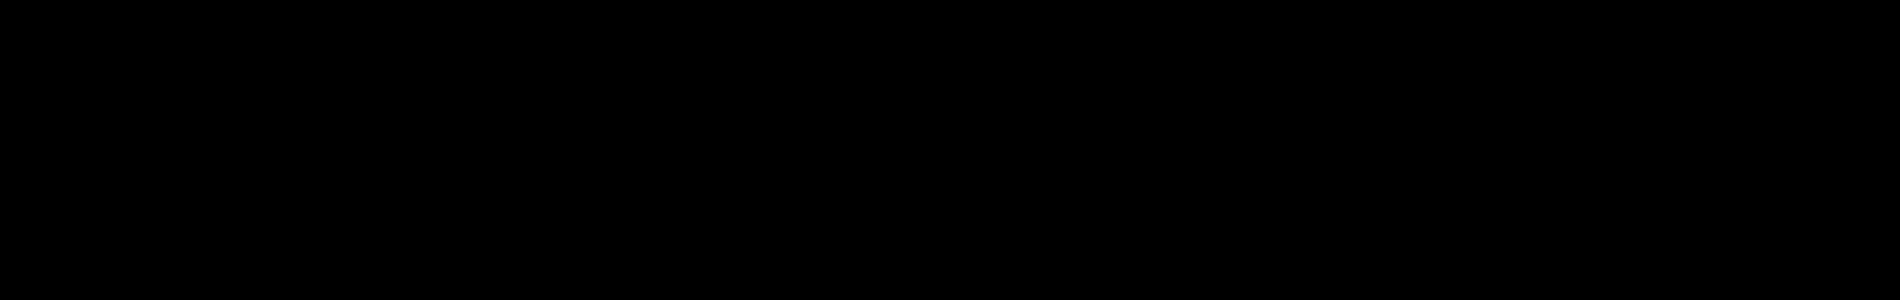 corebyrecode2